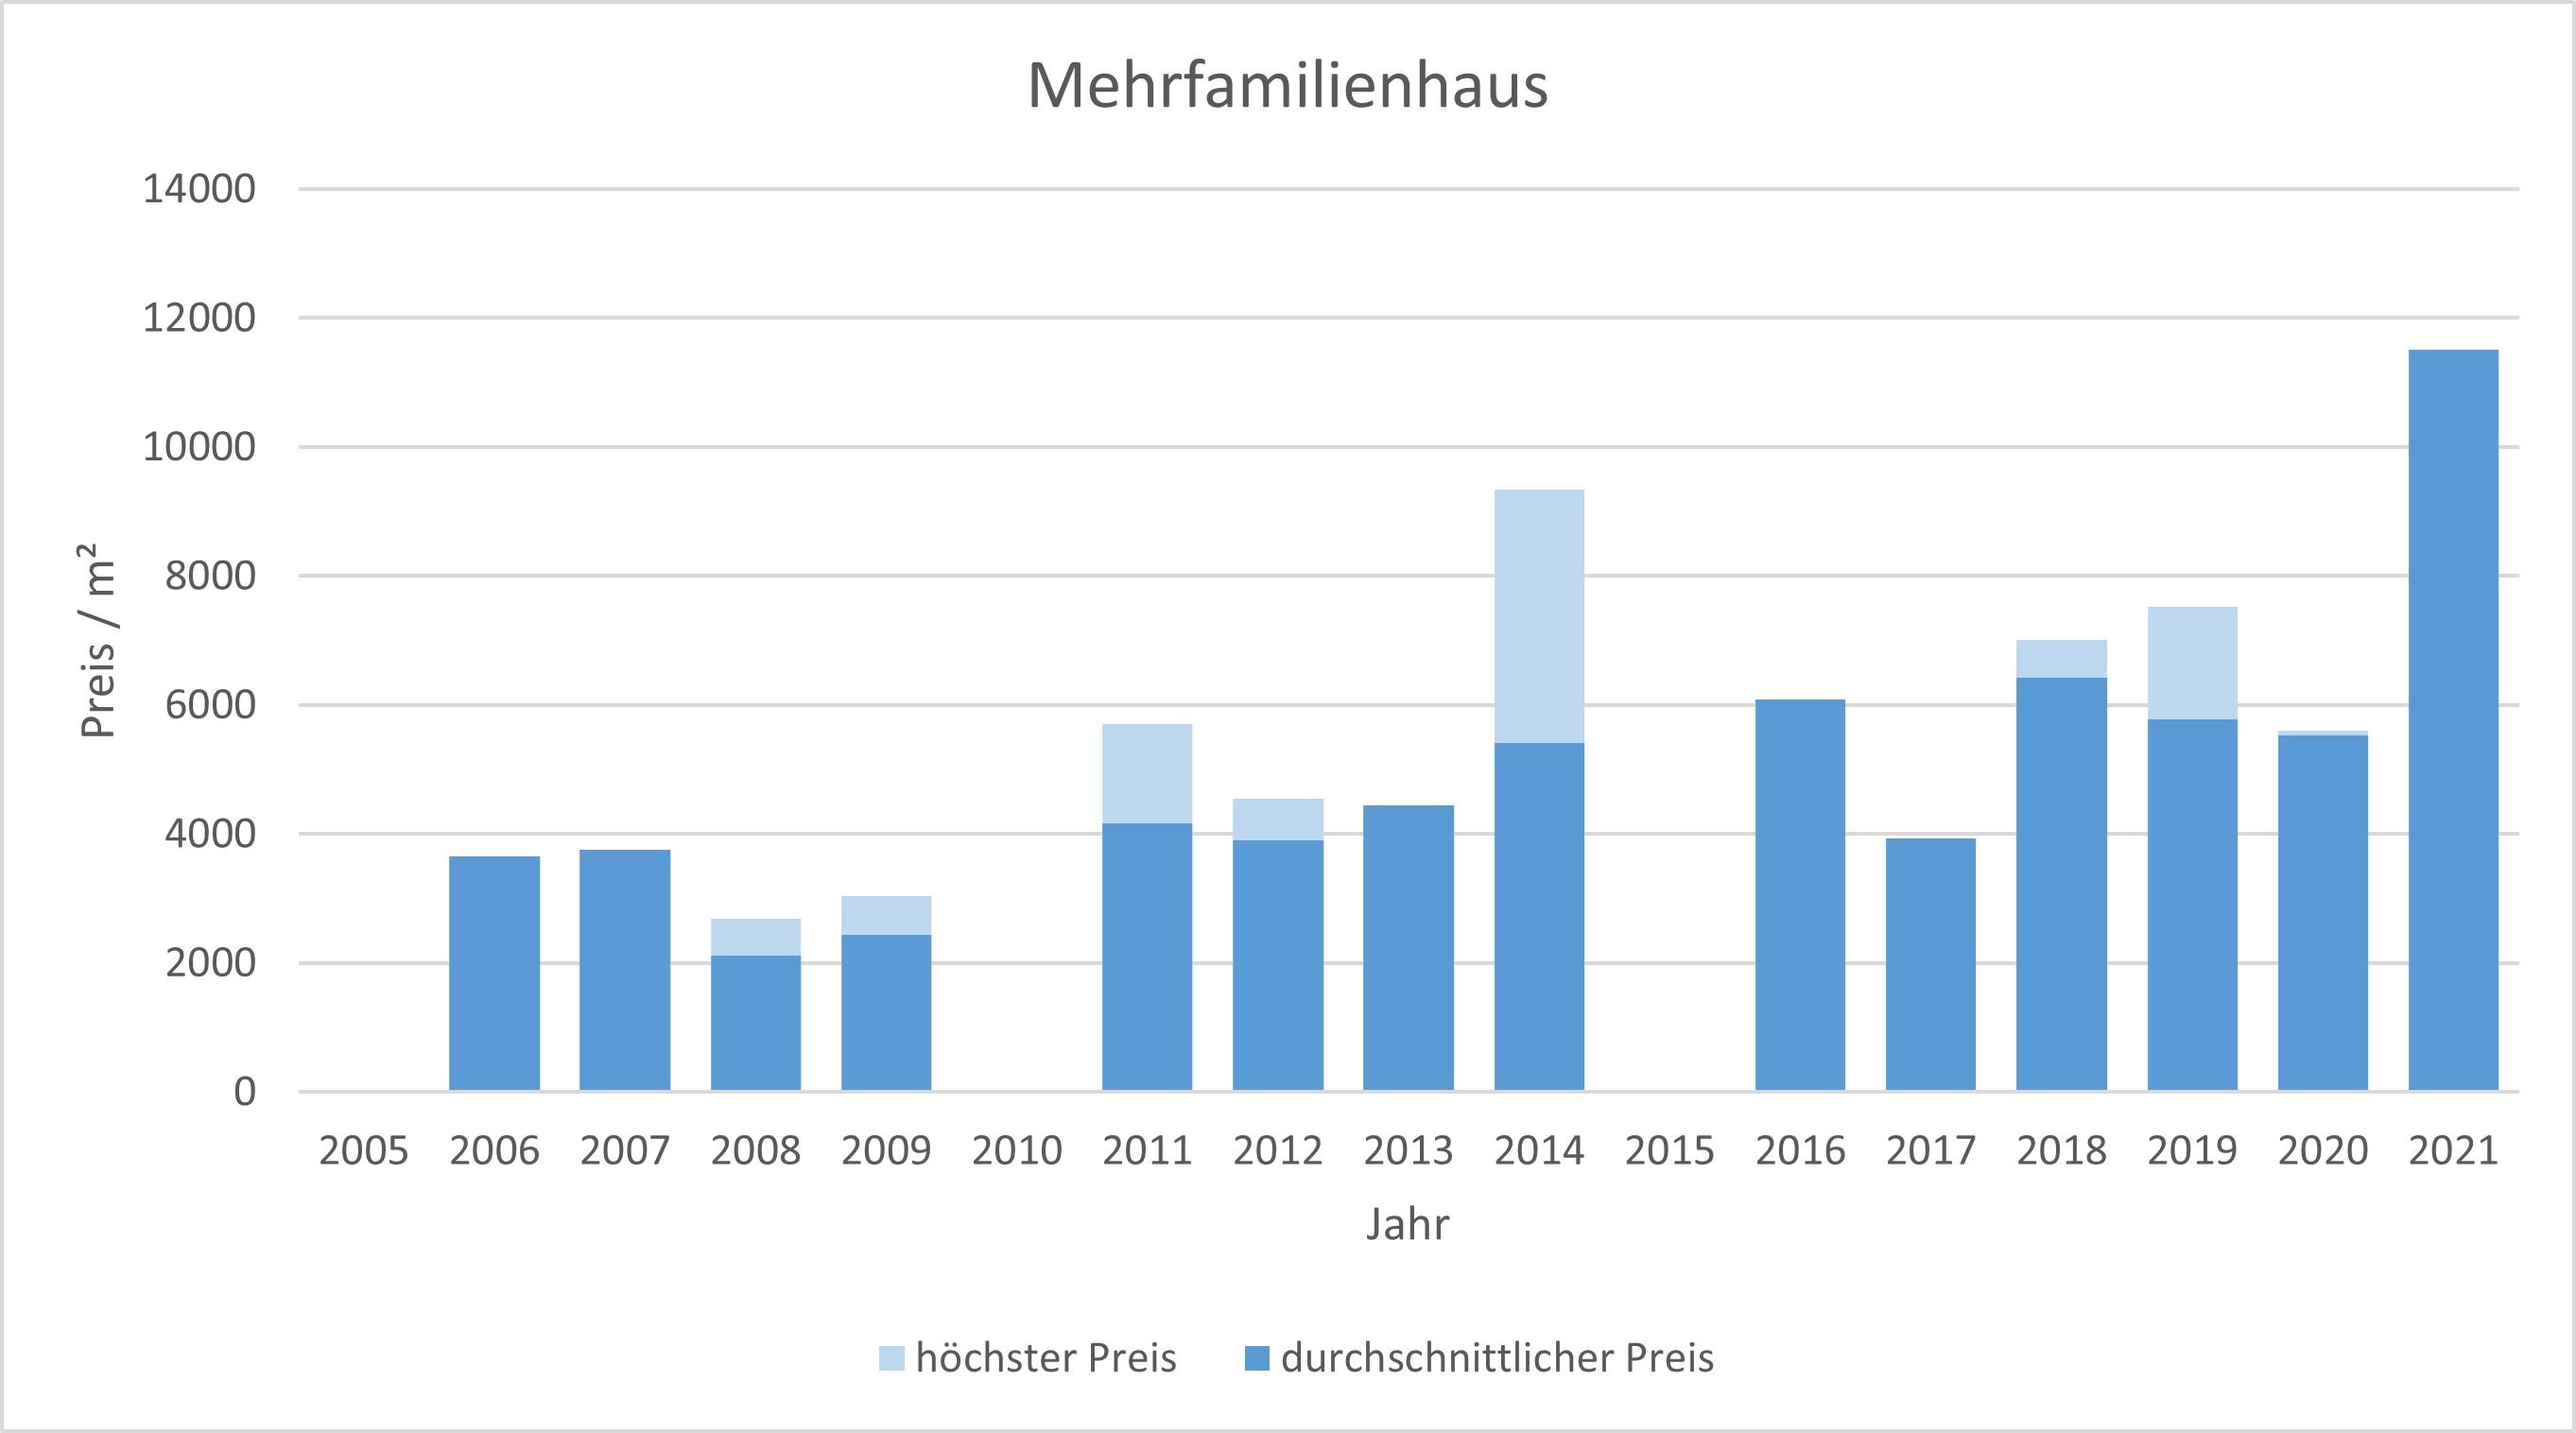 Schäftlarn Mehrfamilienhaus kaufen verkaufen Preis Bewertung Makler 2019 2020 2021 www.happy-immo.de